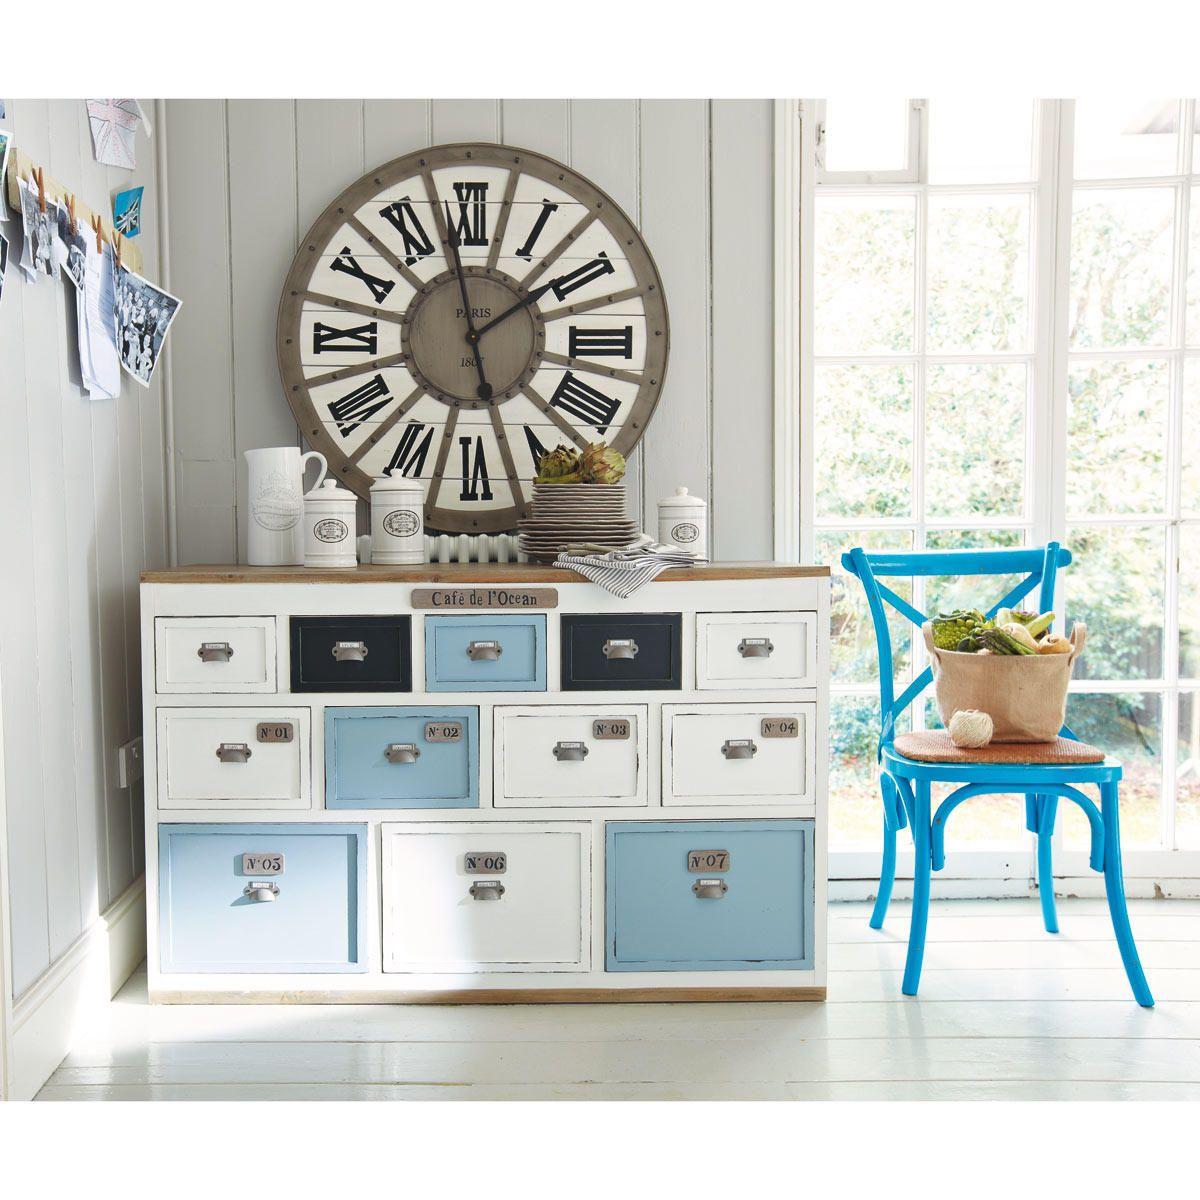 Comptoir Meuble De Metier Blanc Molene Meuble De Metier Deco Maison Du Monde Decoration Campagnarde